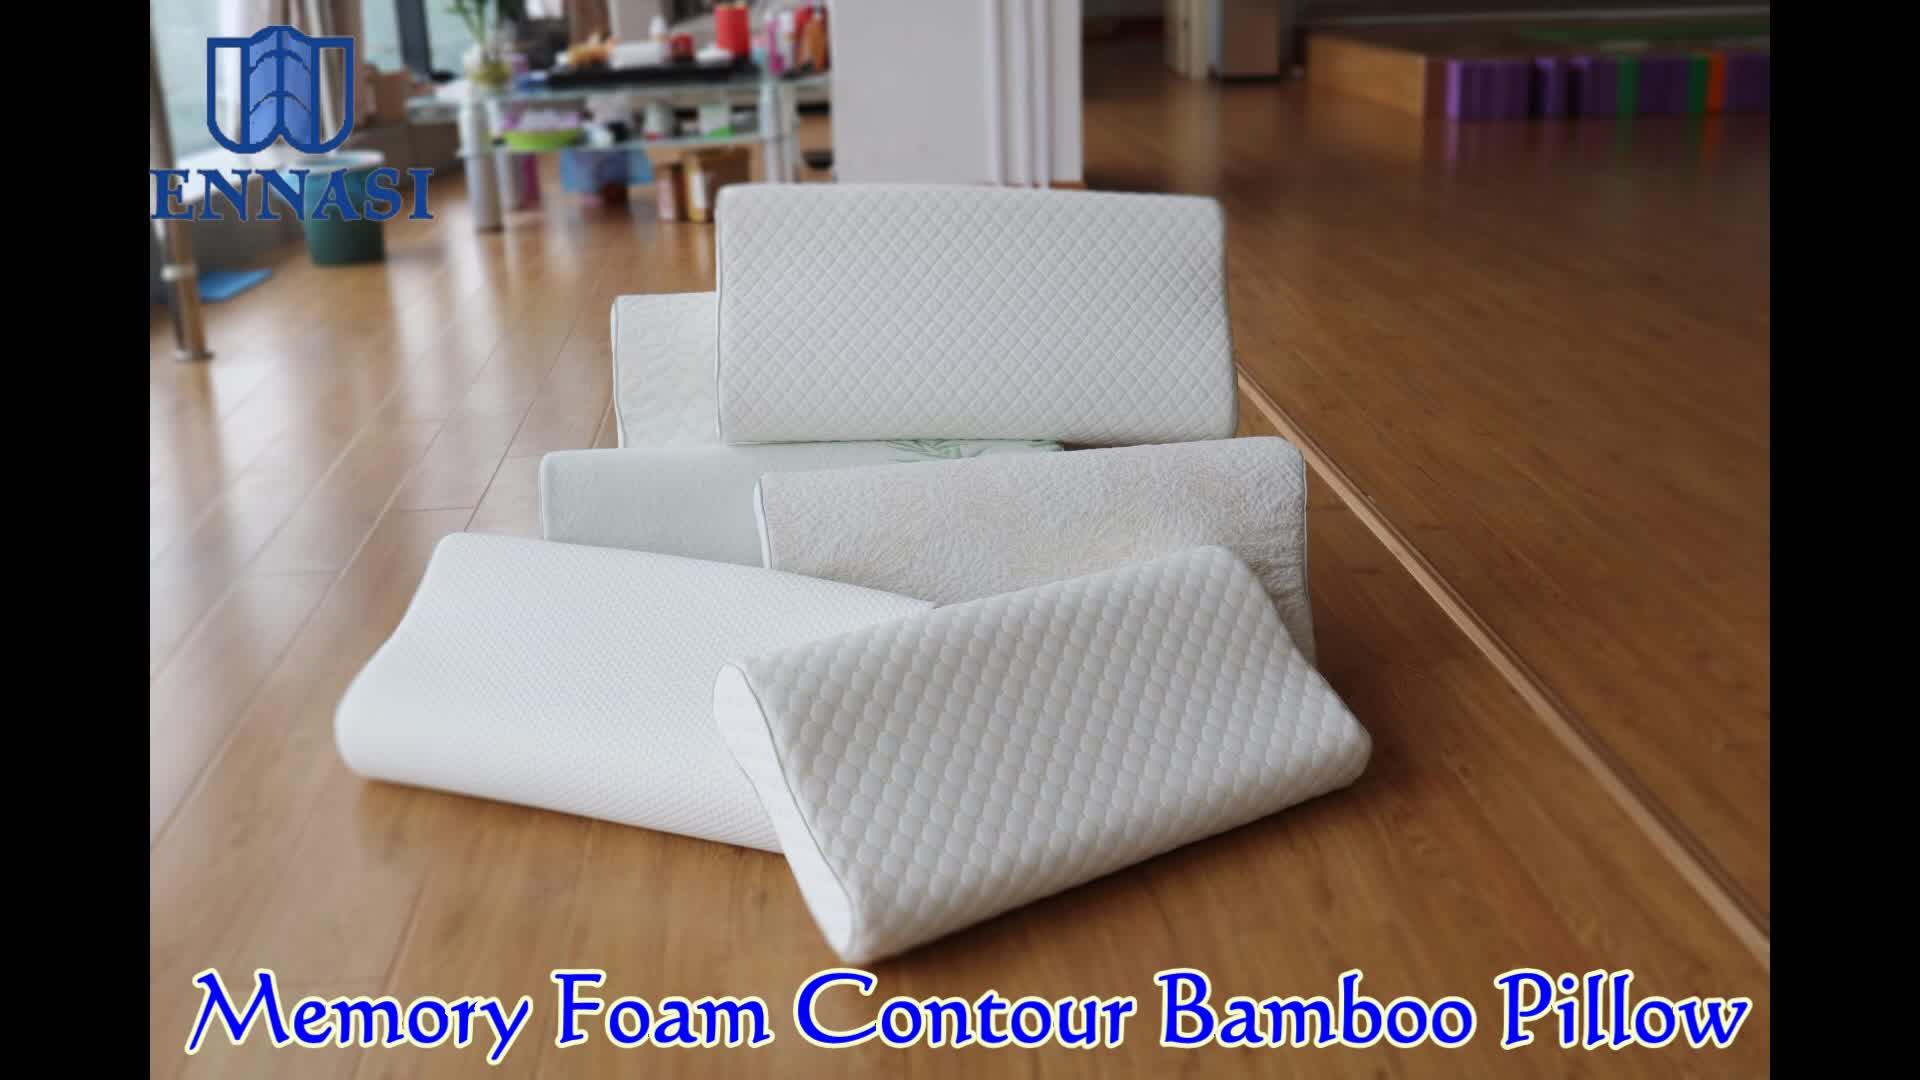 아마존 편안한 인체 공학적 컨투어 메모리 폼 슬리퍼 침대 베개